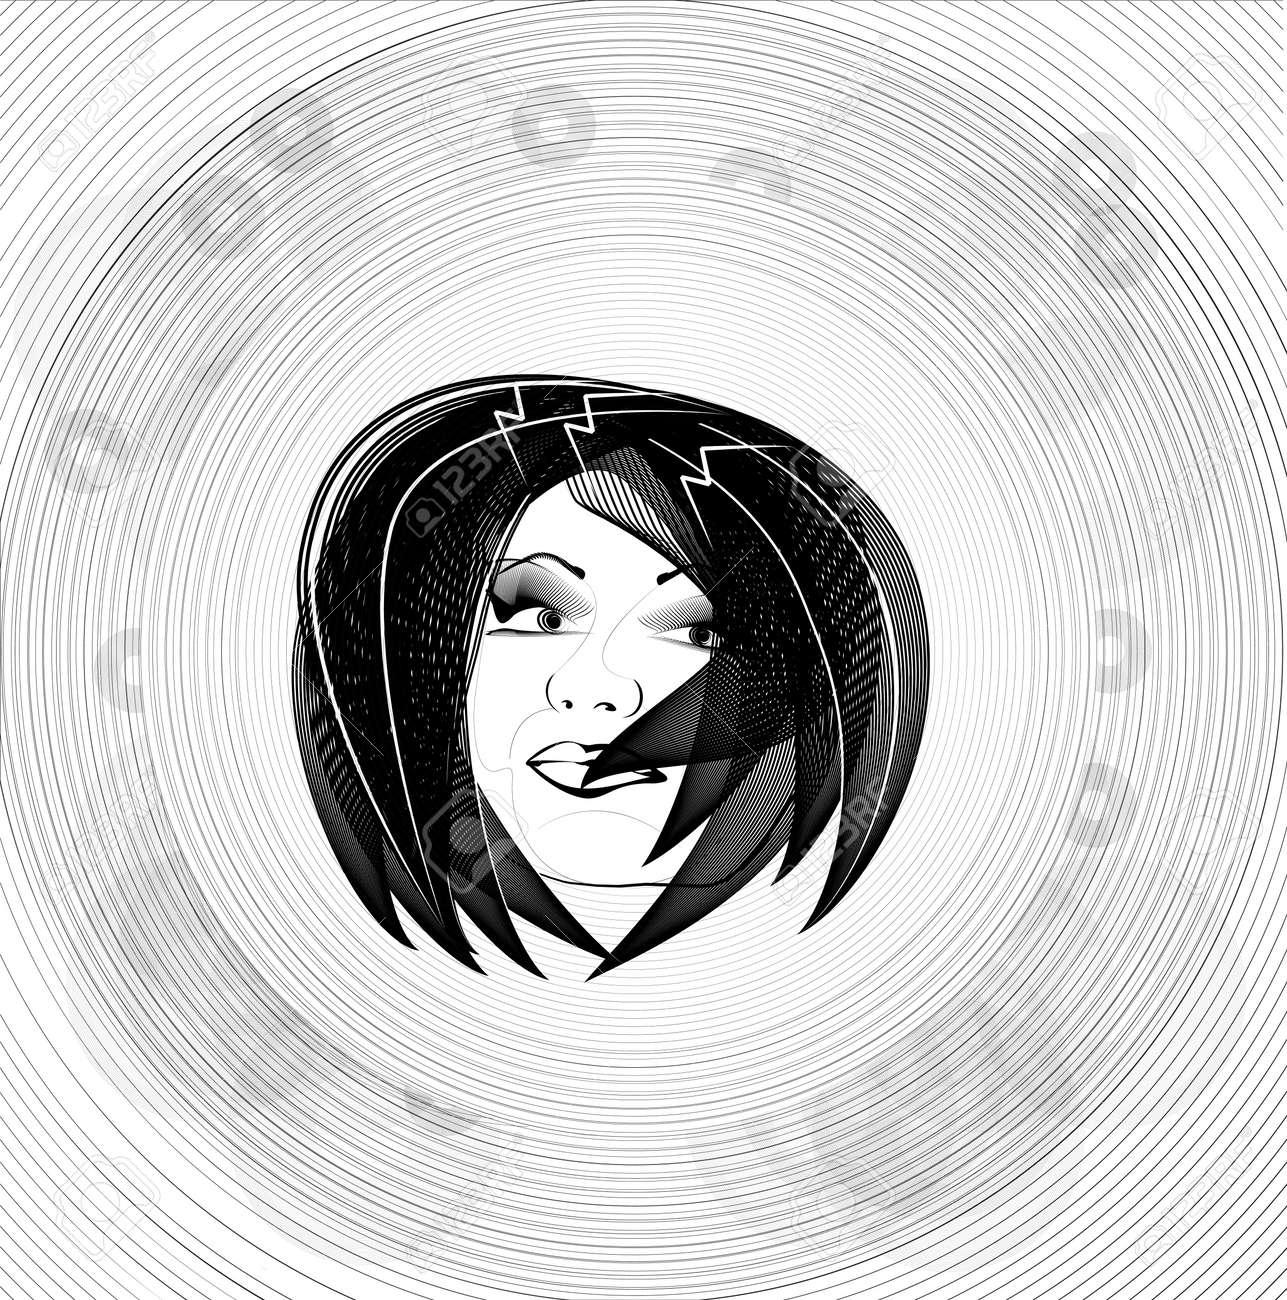 Dessin Au Trait Noir Et Blanc De La Tête Le Visage De La Femme Croquis Yeux De Vecteurs De Contour Des Lèvres Face à Cheveux Regarder Obliquement